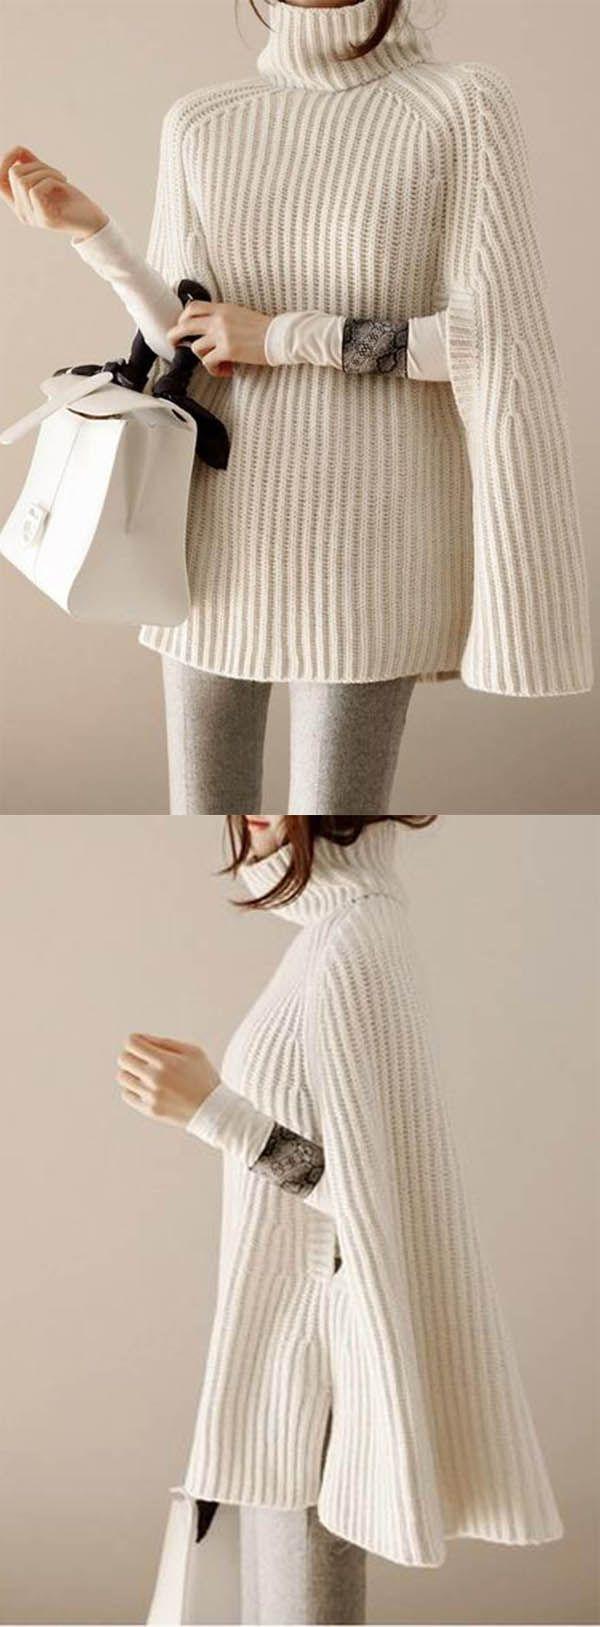 Ericdress Klar Rollkragenpullover halblangen losen Pullover # Strickwaren #tops #winter #sweater